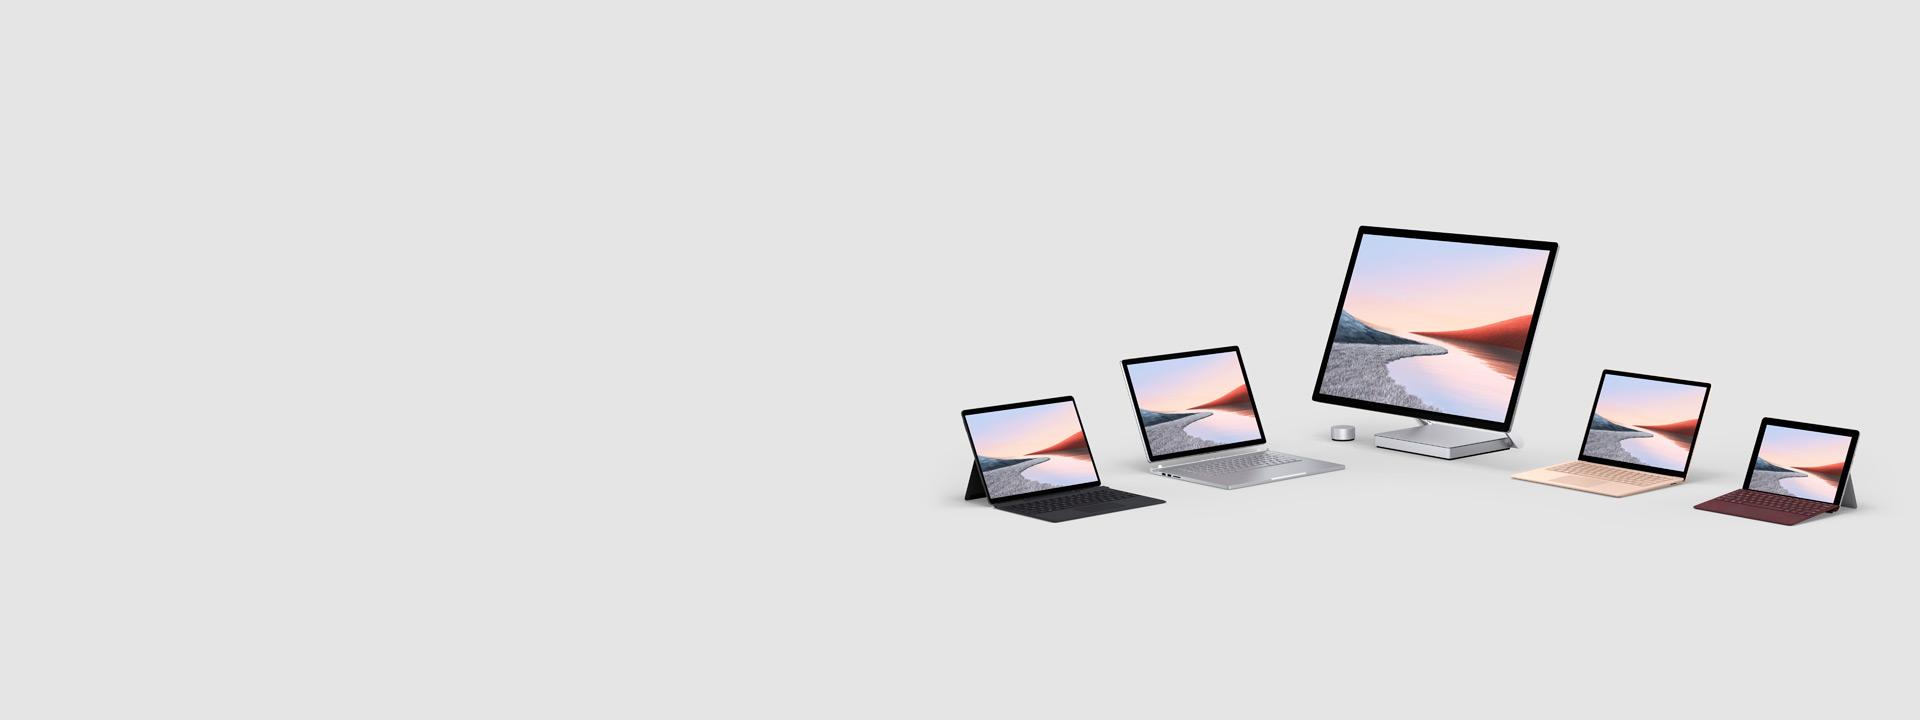 Plusieurs ordinateurs Surface, y compris la Surface Pro 7, la Surface Pro X , le Surface Book 2, le Surface Studio 2 et la Surface Go